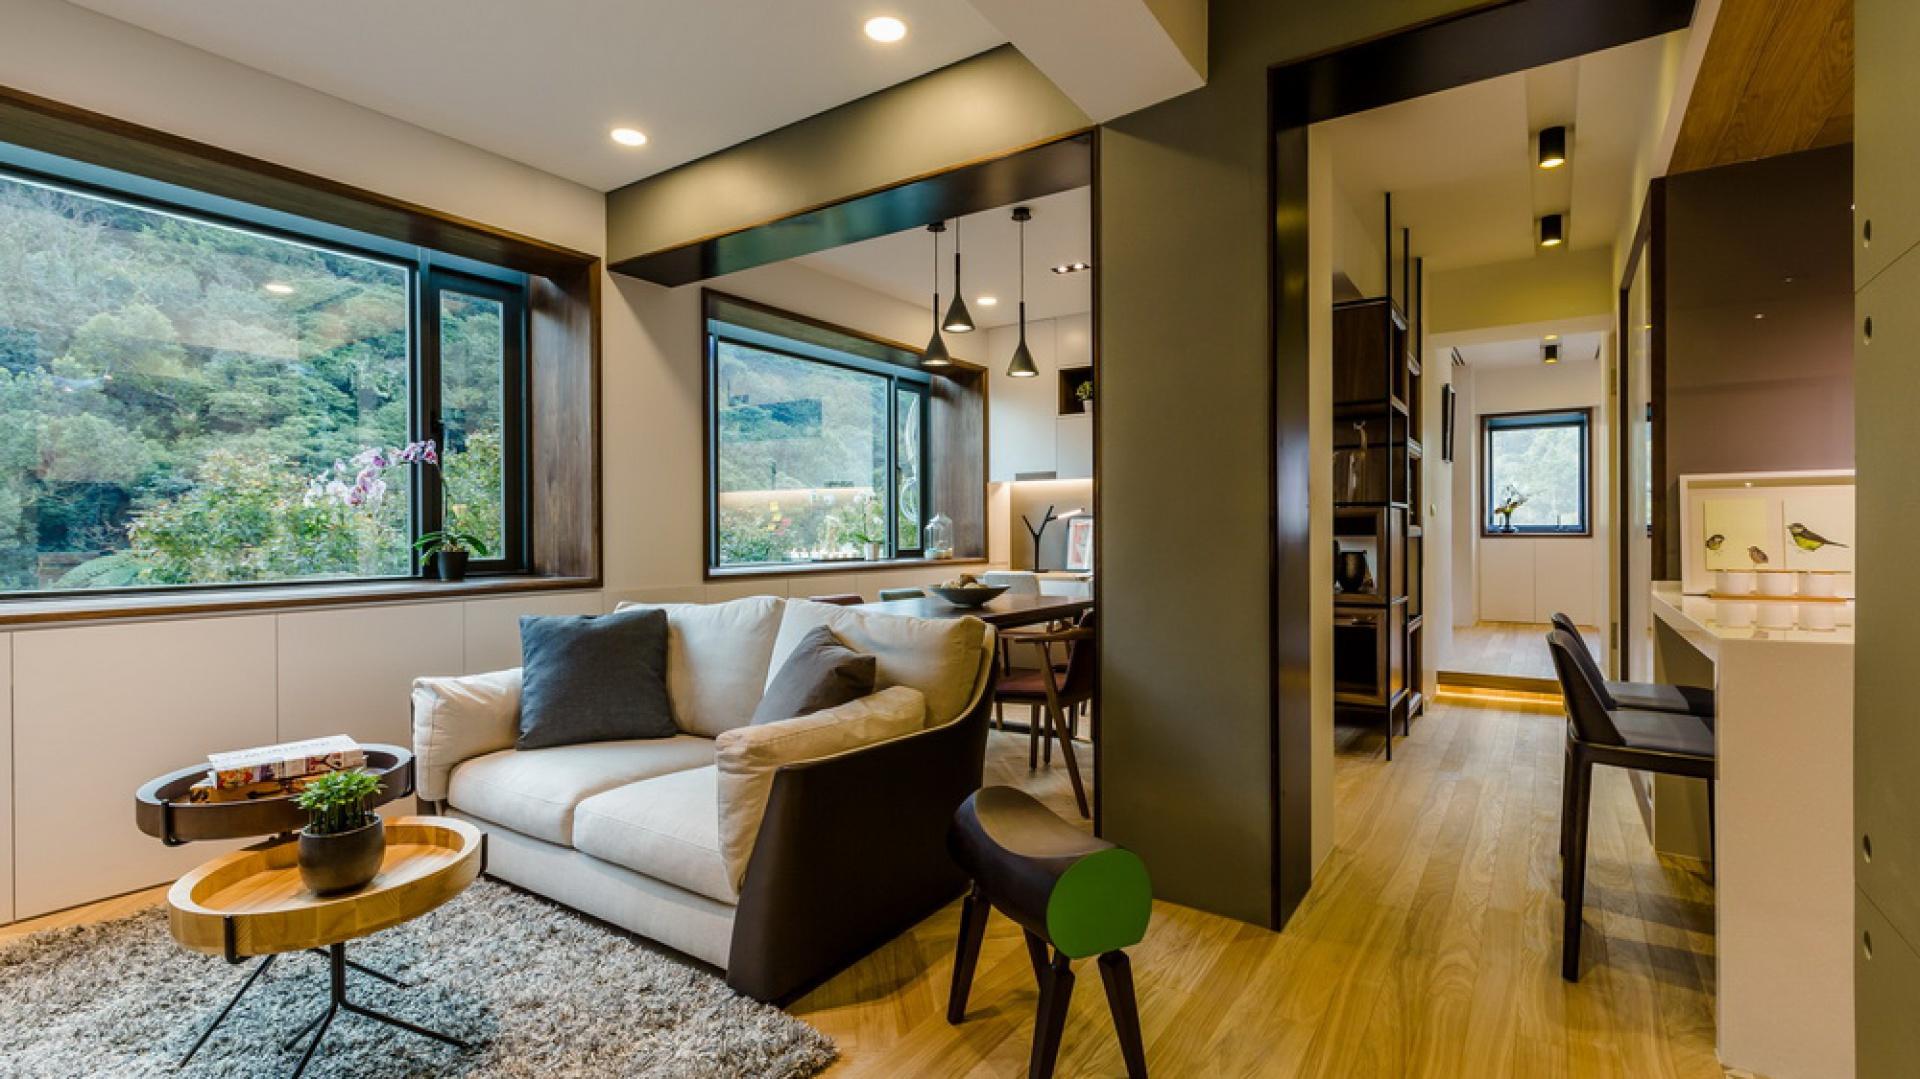 Przestrzeń dzienna obejmuje salon, połączony w jednym rzędzie z jadalnią, która przechodzi płynnie w niewielki gabinet. Po drugiej stronie korytarza urządzono kuchnię. Projekt i zdjęcia: Archlin Studio.